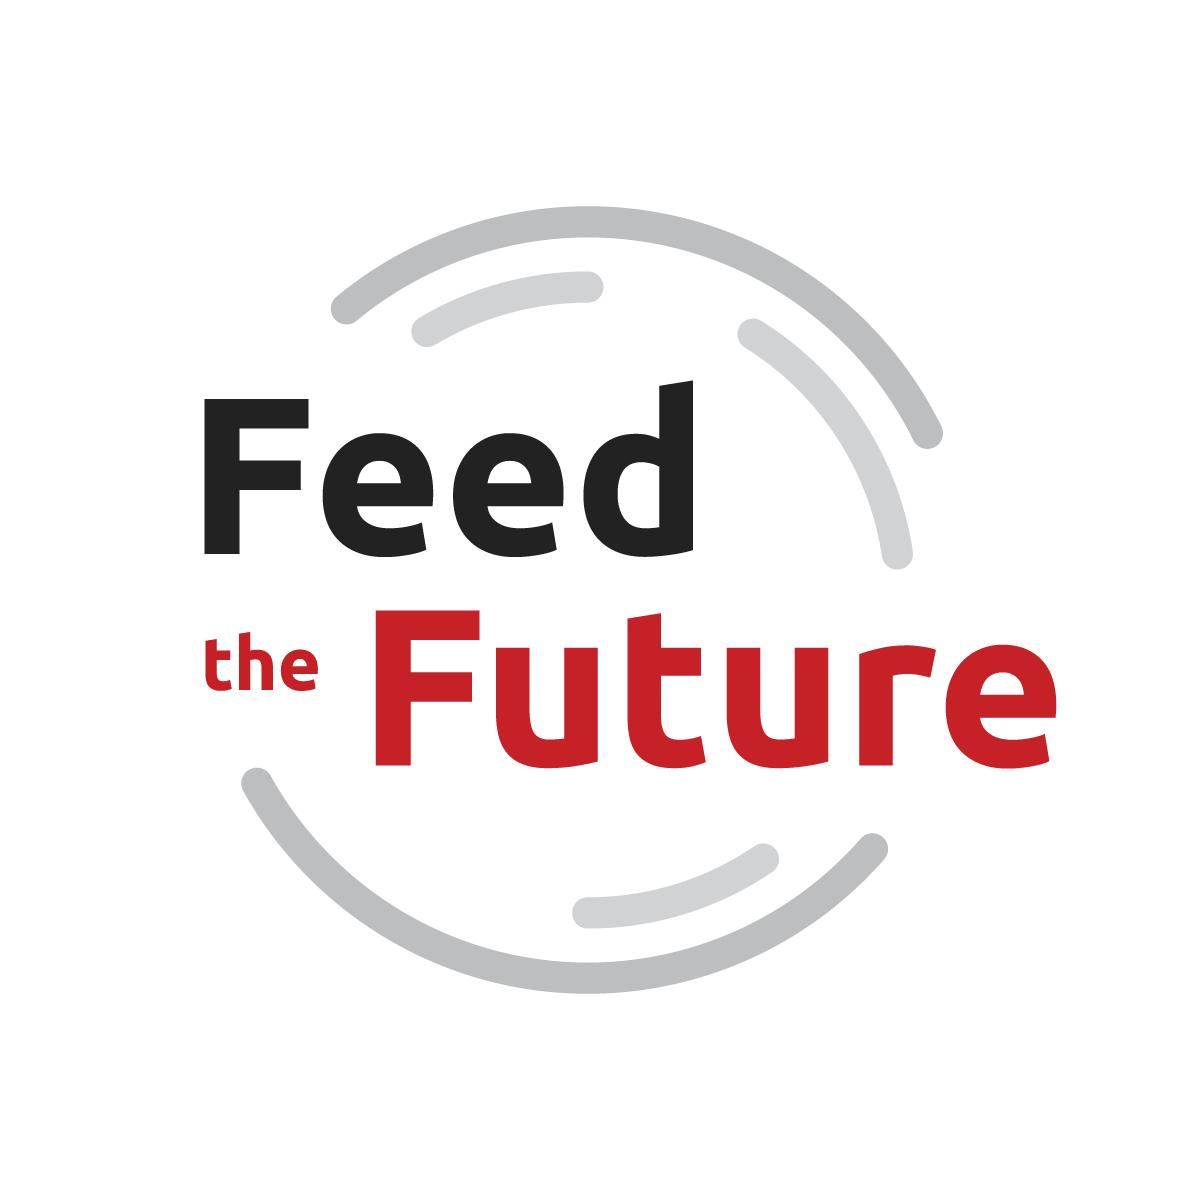 Feed-the-future